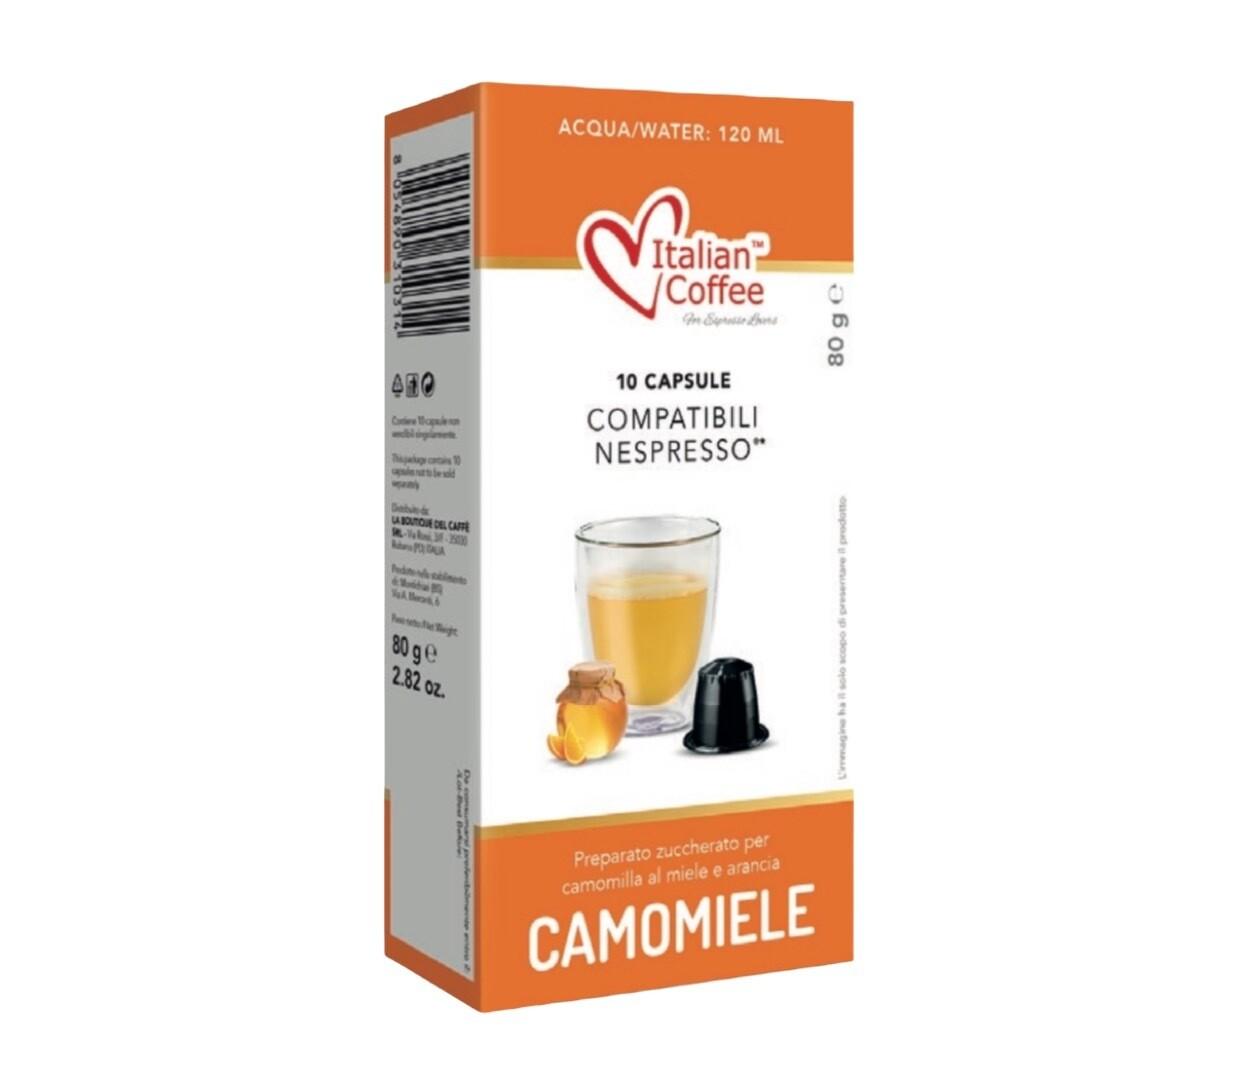 Italian Coffee™️comp. Nespresso* Camomiele Камилица со мед Чај х10капсули